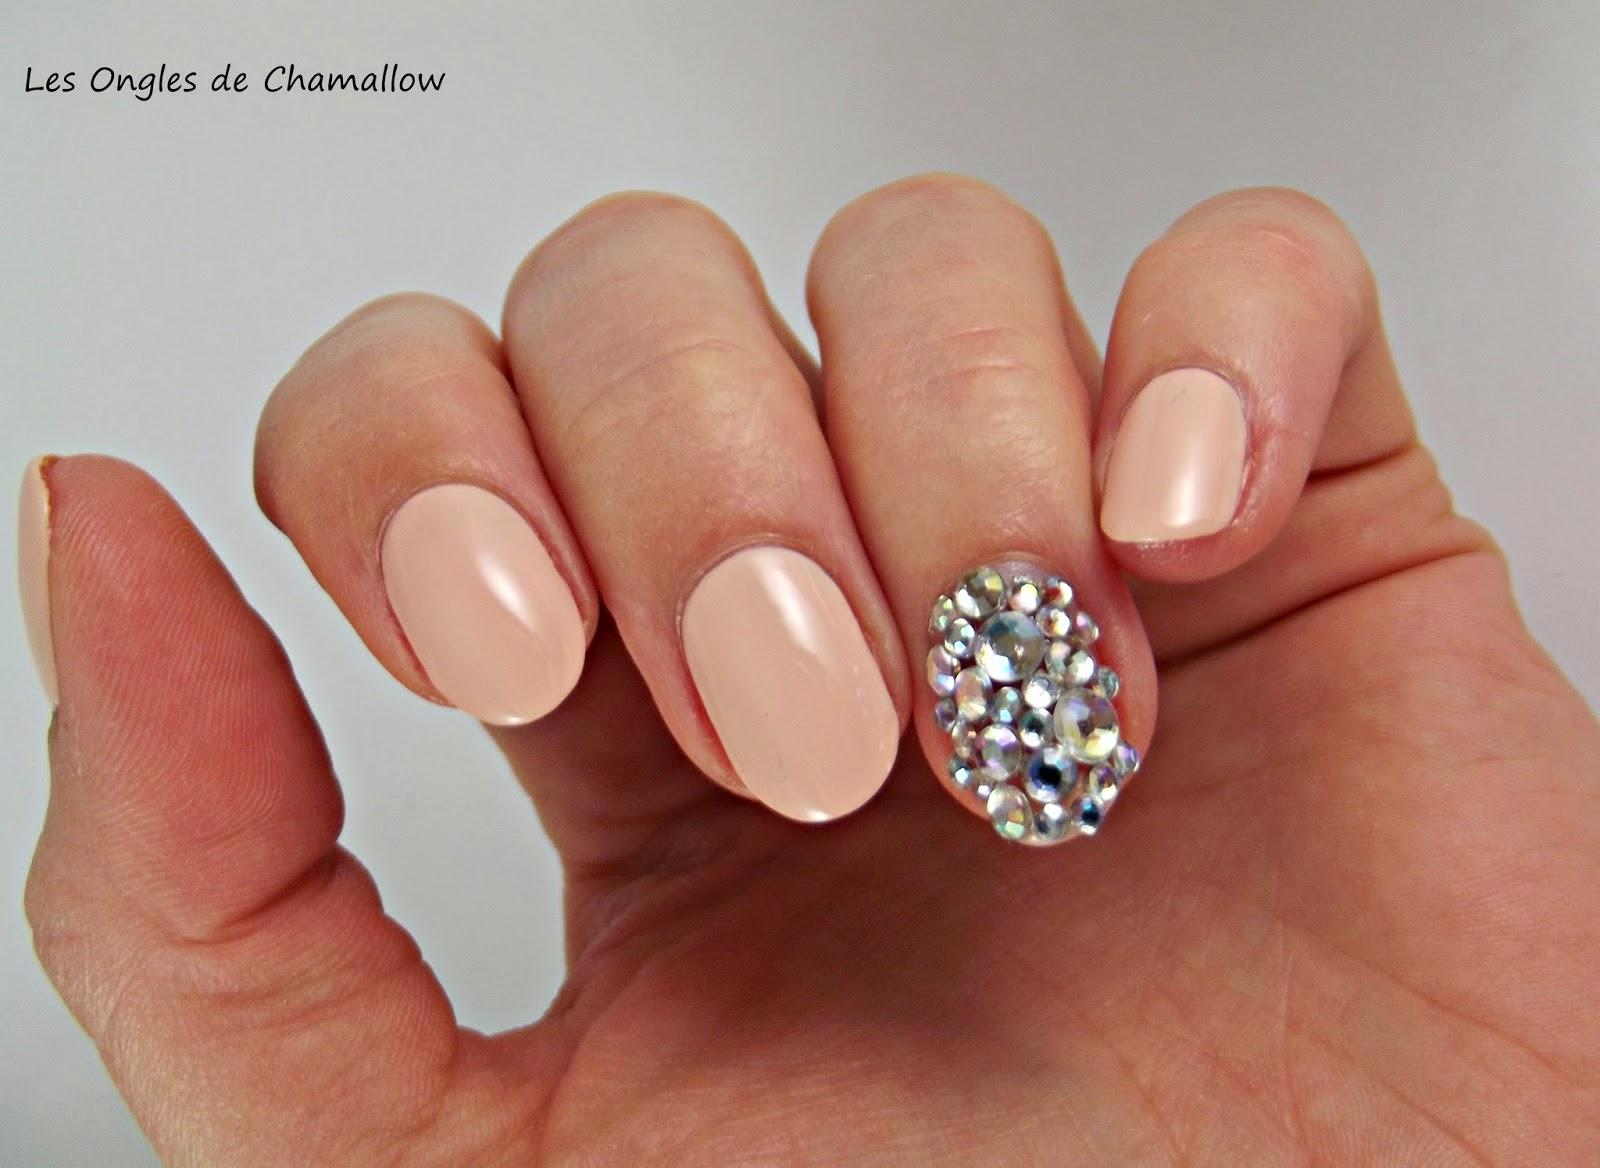 Les ongles de chamallow mes ongles boule facette - A quoi sert une lampe uv pour les ongles ...